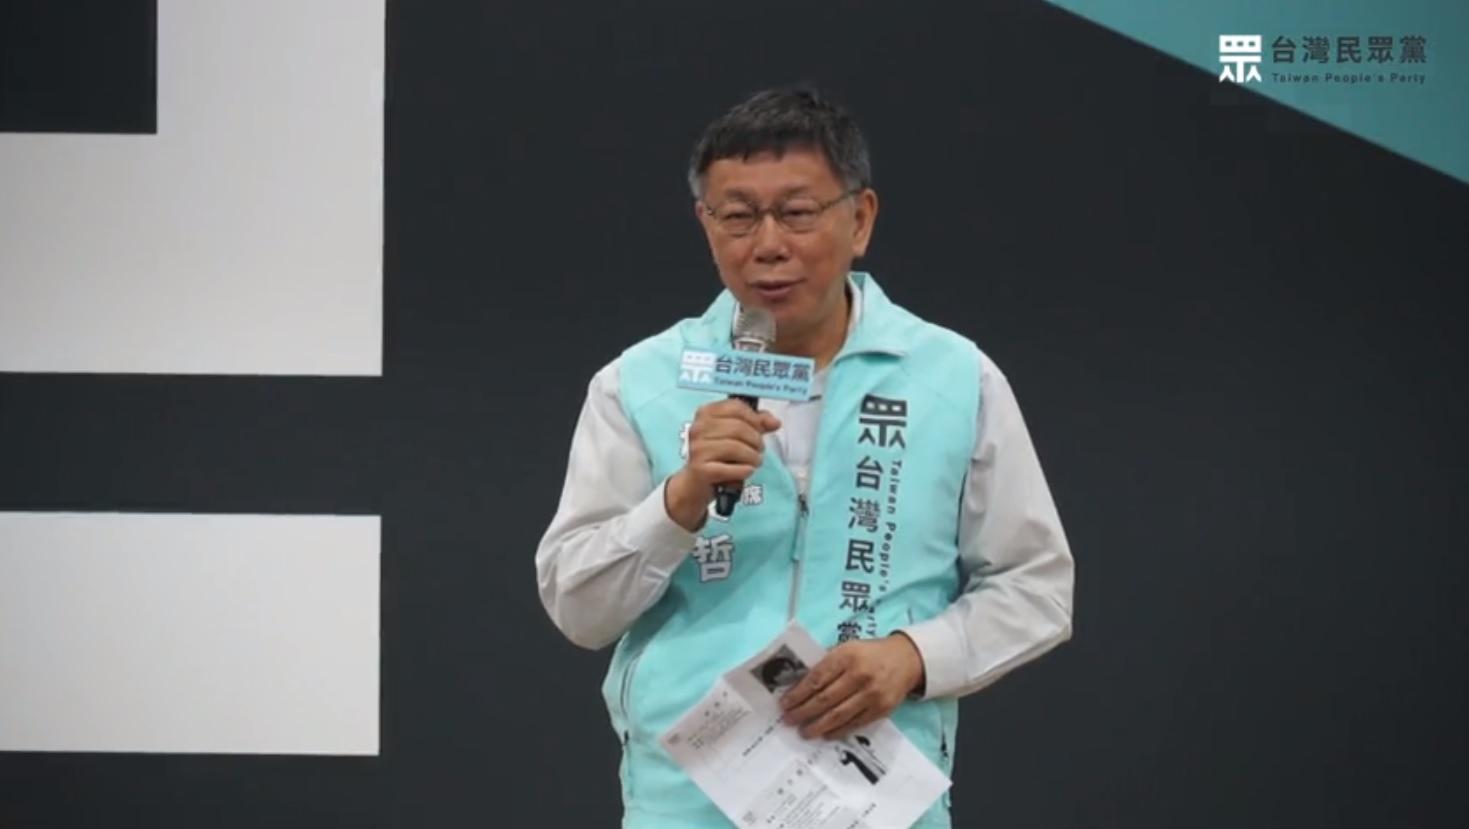 分析/台灣民眾黨搶提名立委 席次安排暗藏心機?